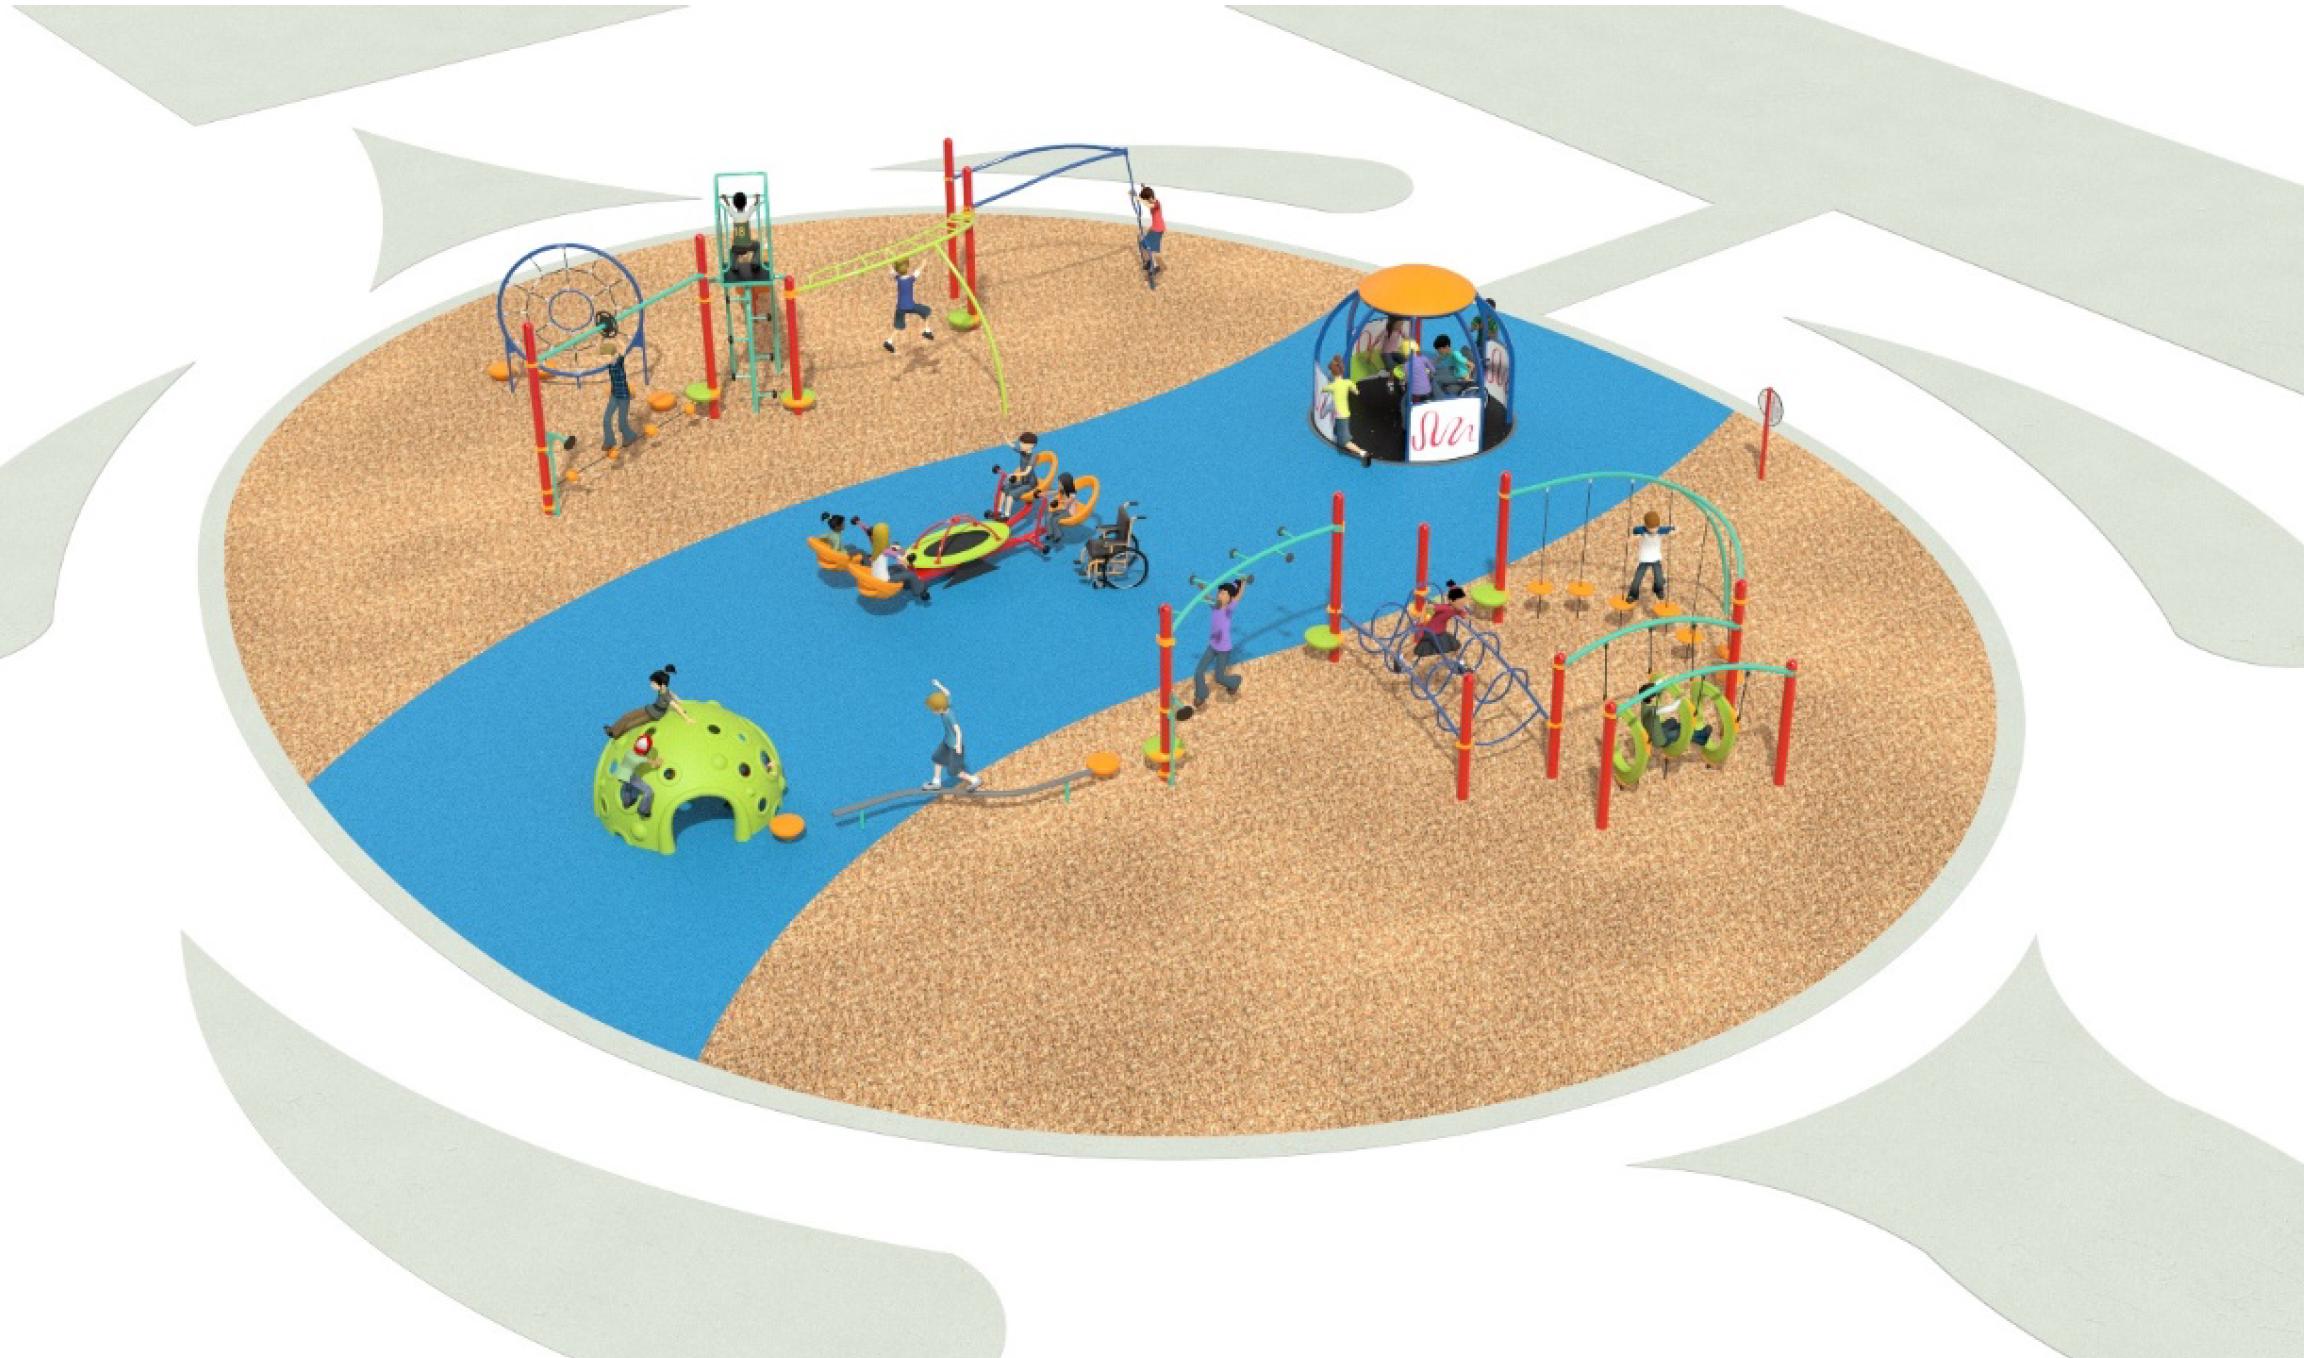 MN Native News: Ball Club Park – A Park With Heart